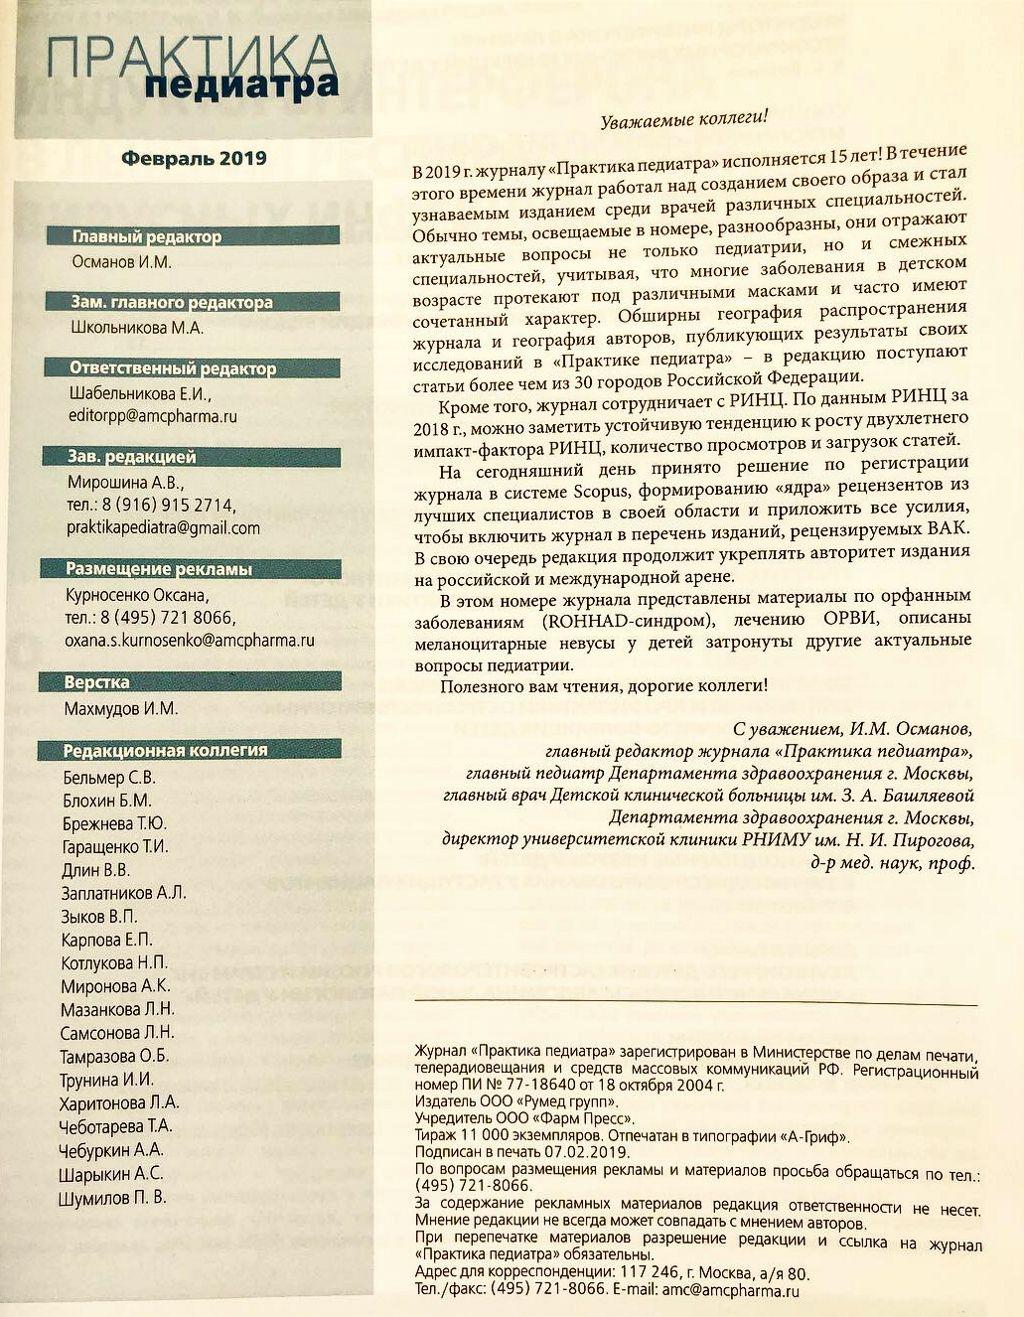 первый номер журнала «Практика педиатра»